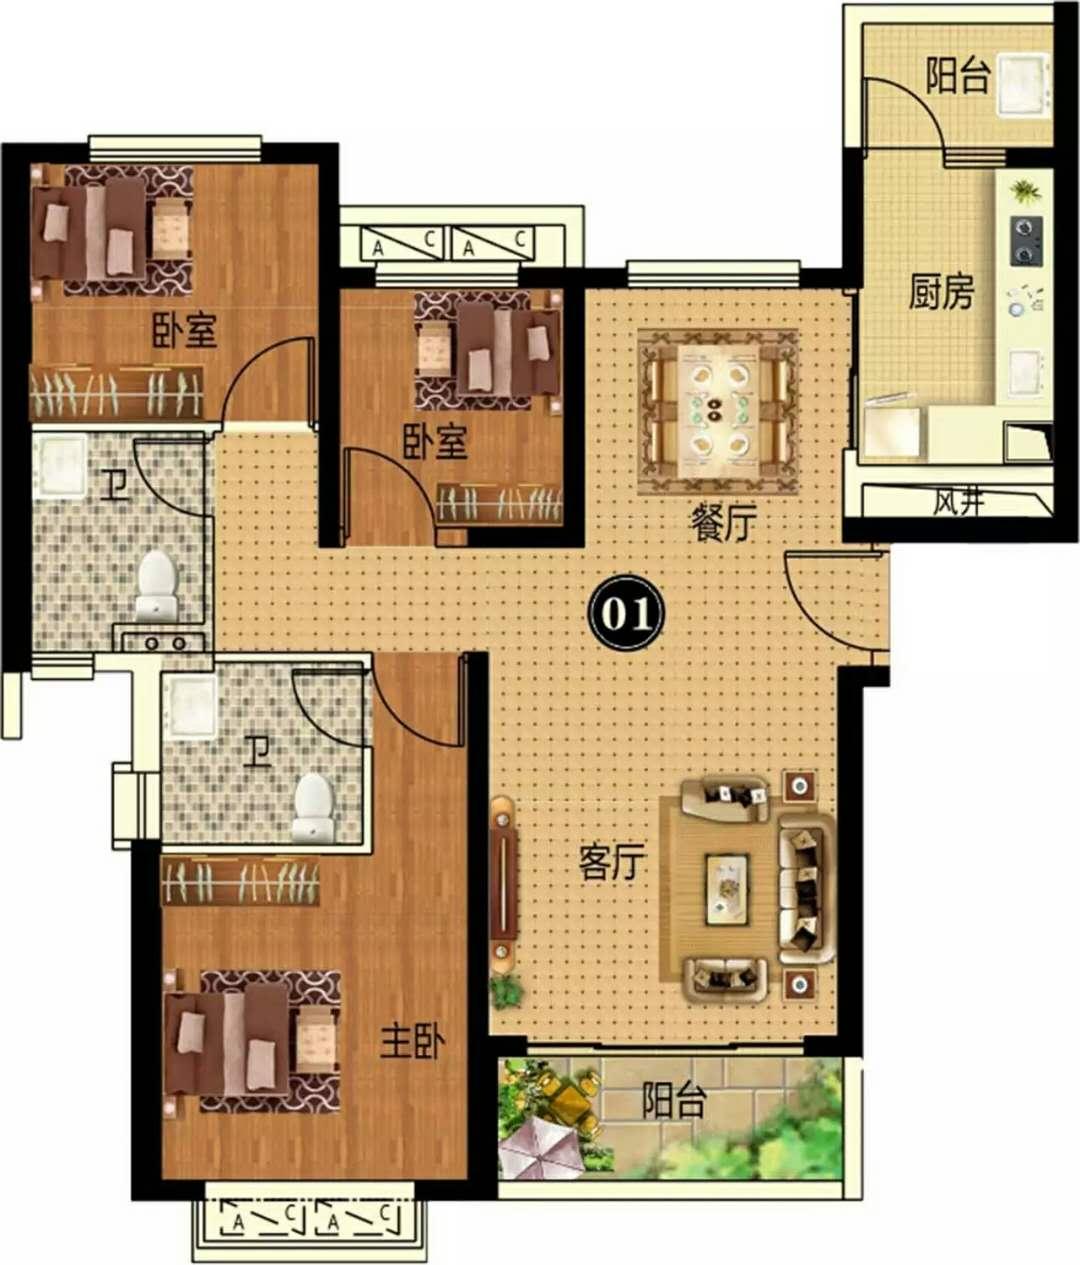 14#  3房2厅2卫 约115㎡